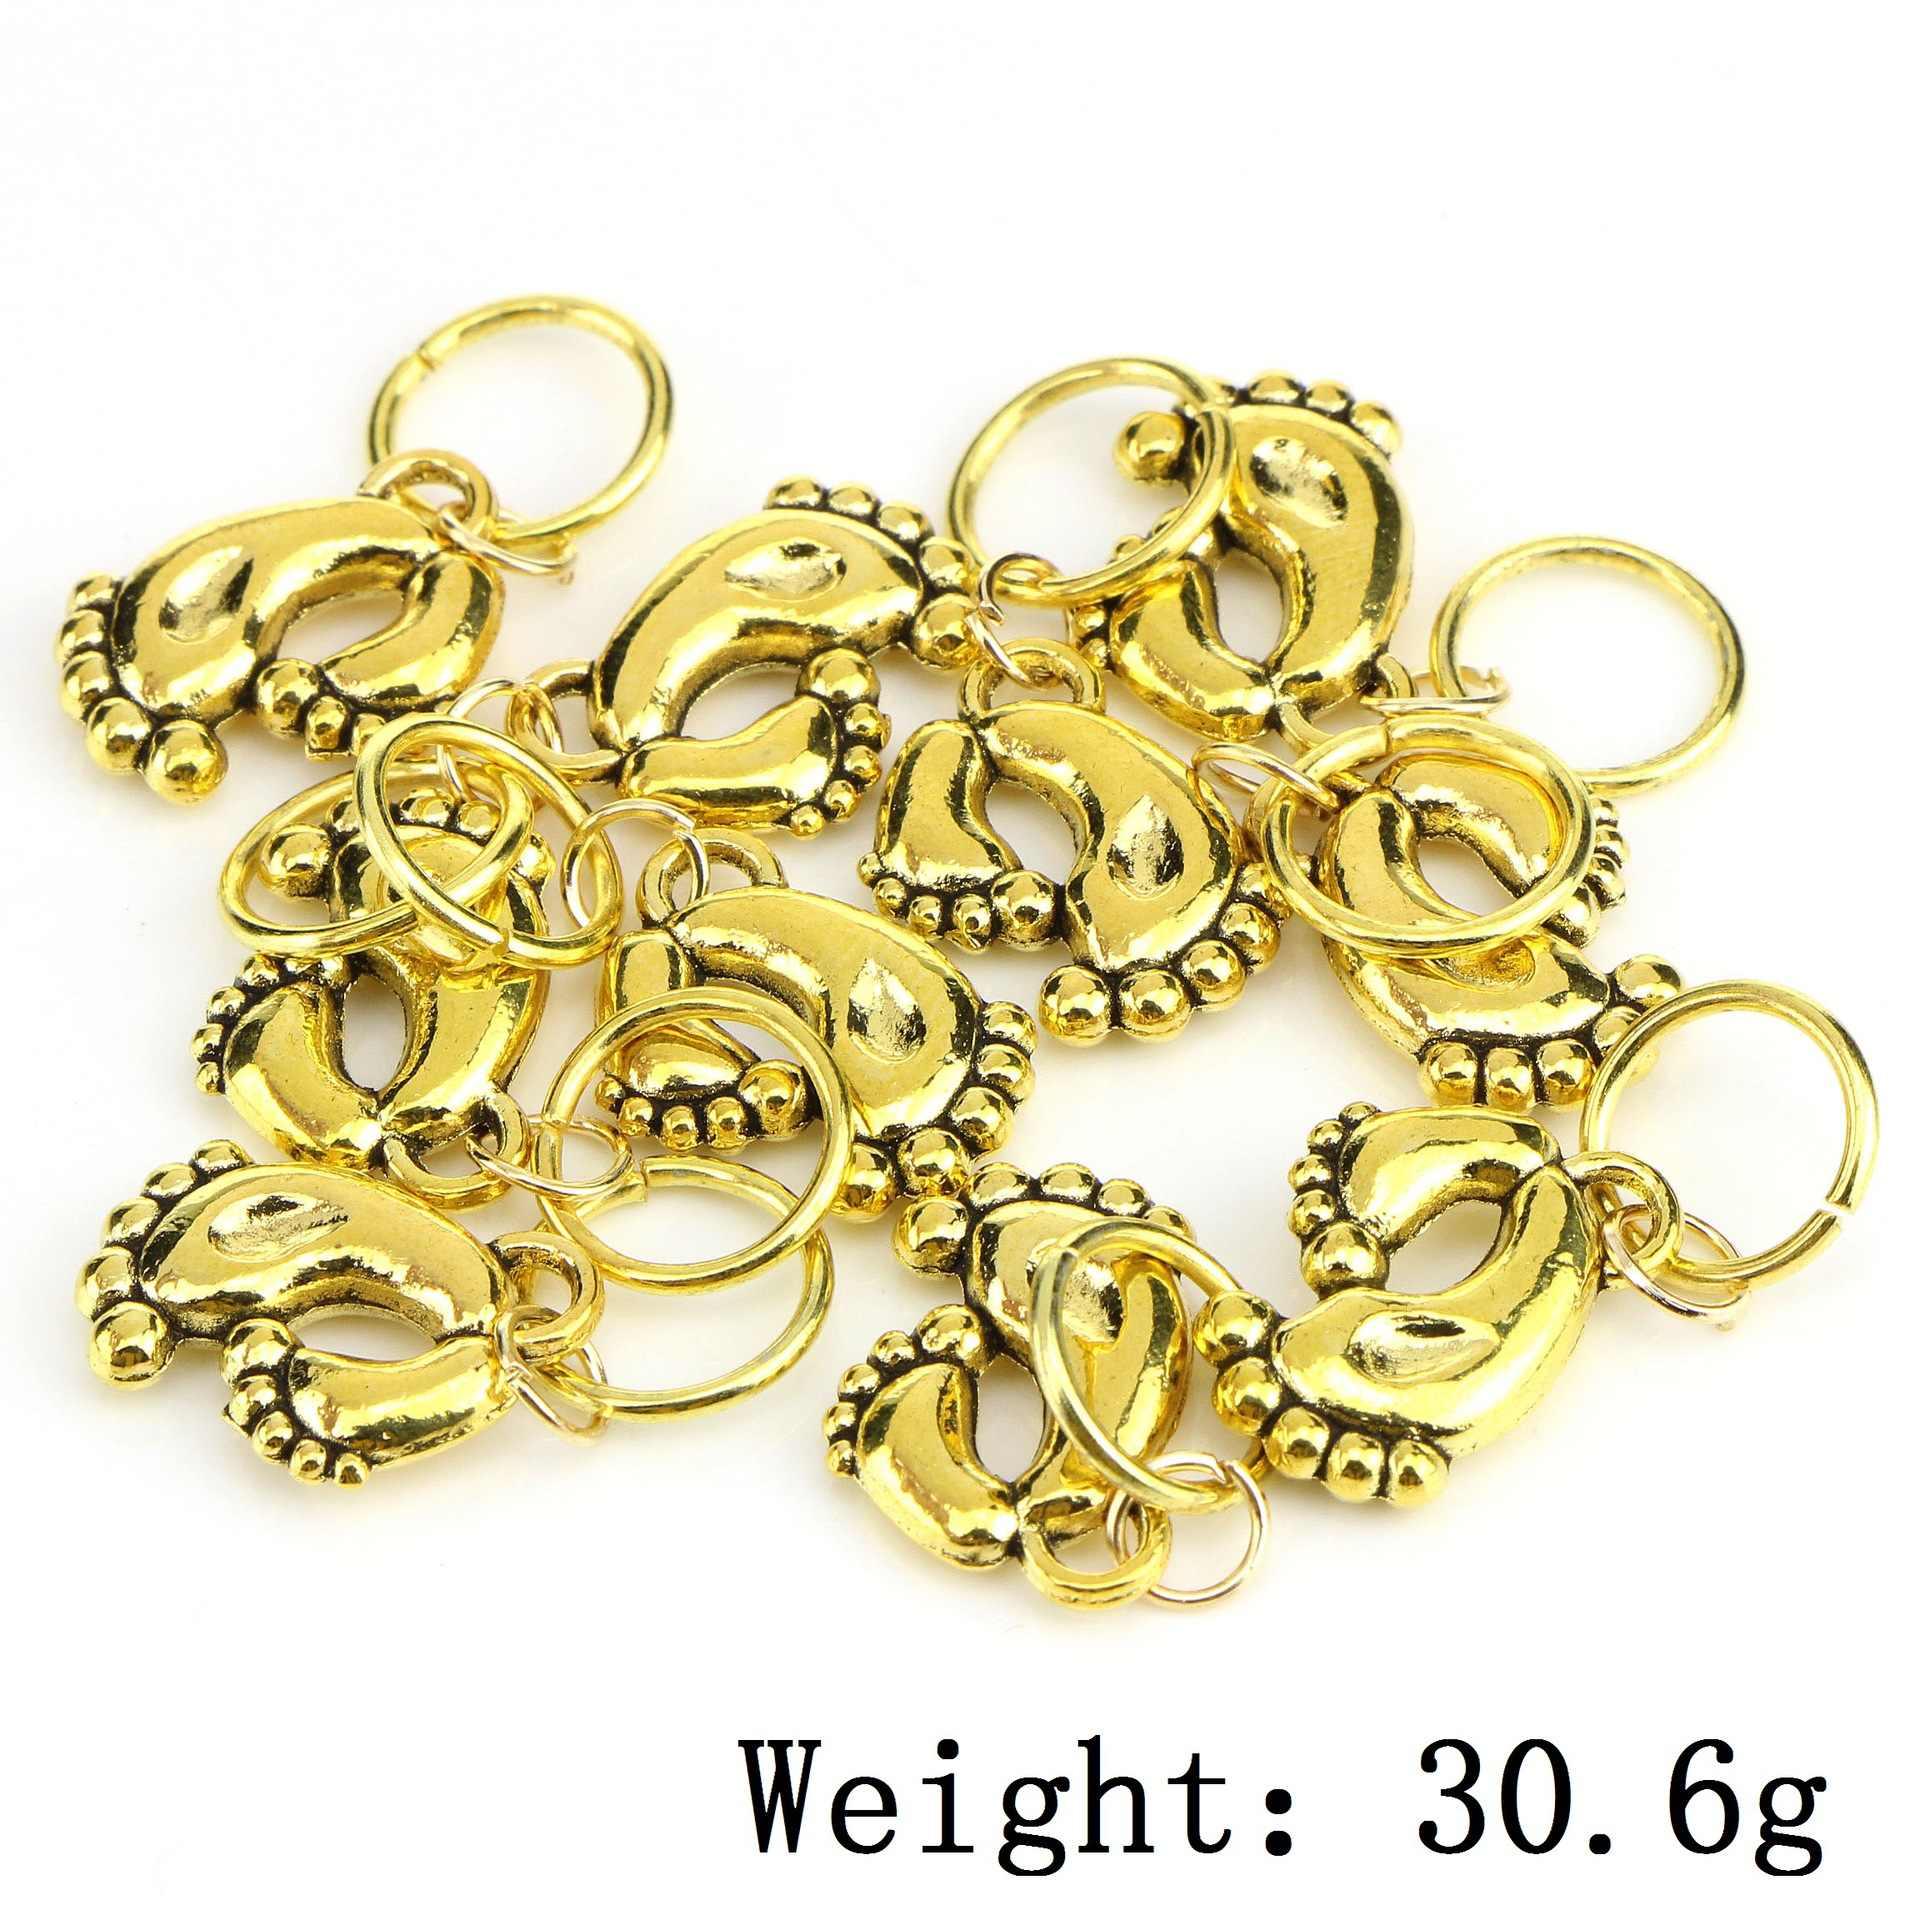 10 unids/pack oro 14 estilos dijes diy pelo trenza dread cuentas clips puños anillos joyería dreadlock accesorios para el cabello